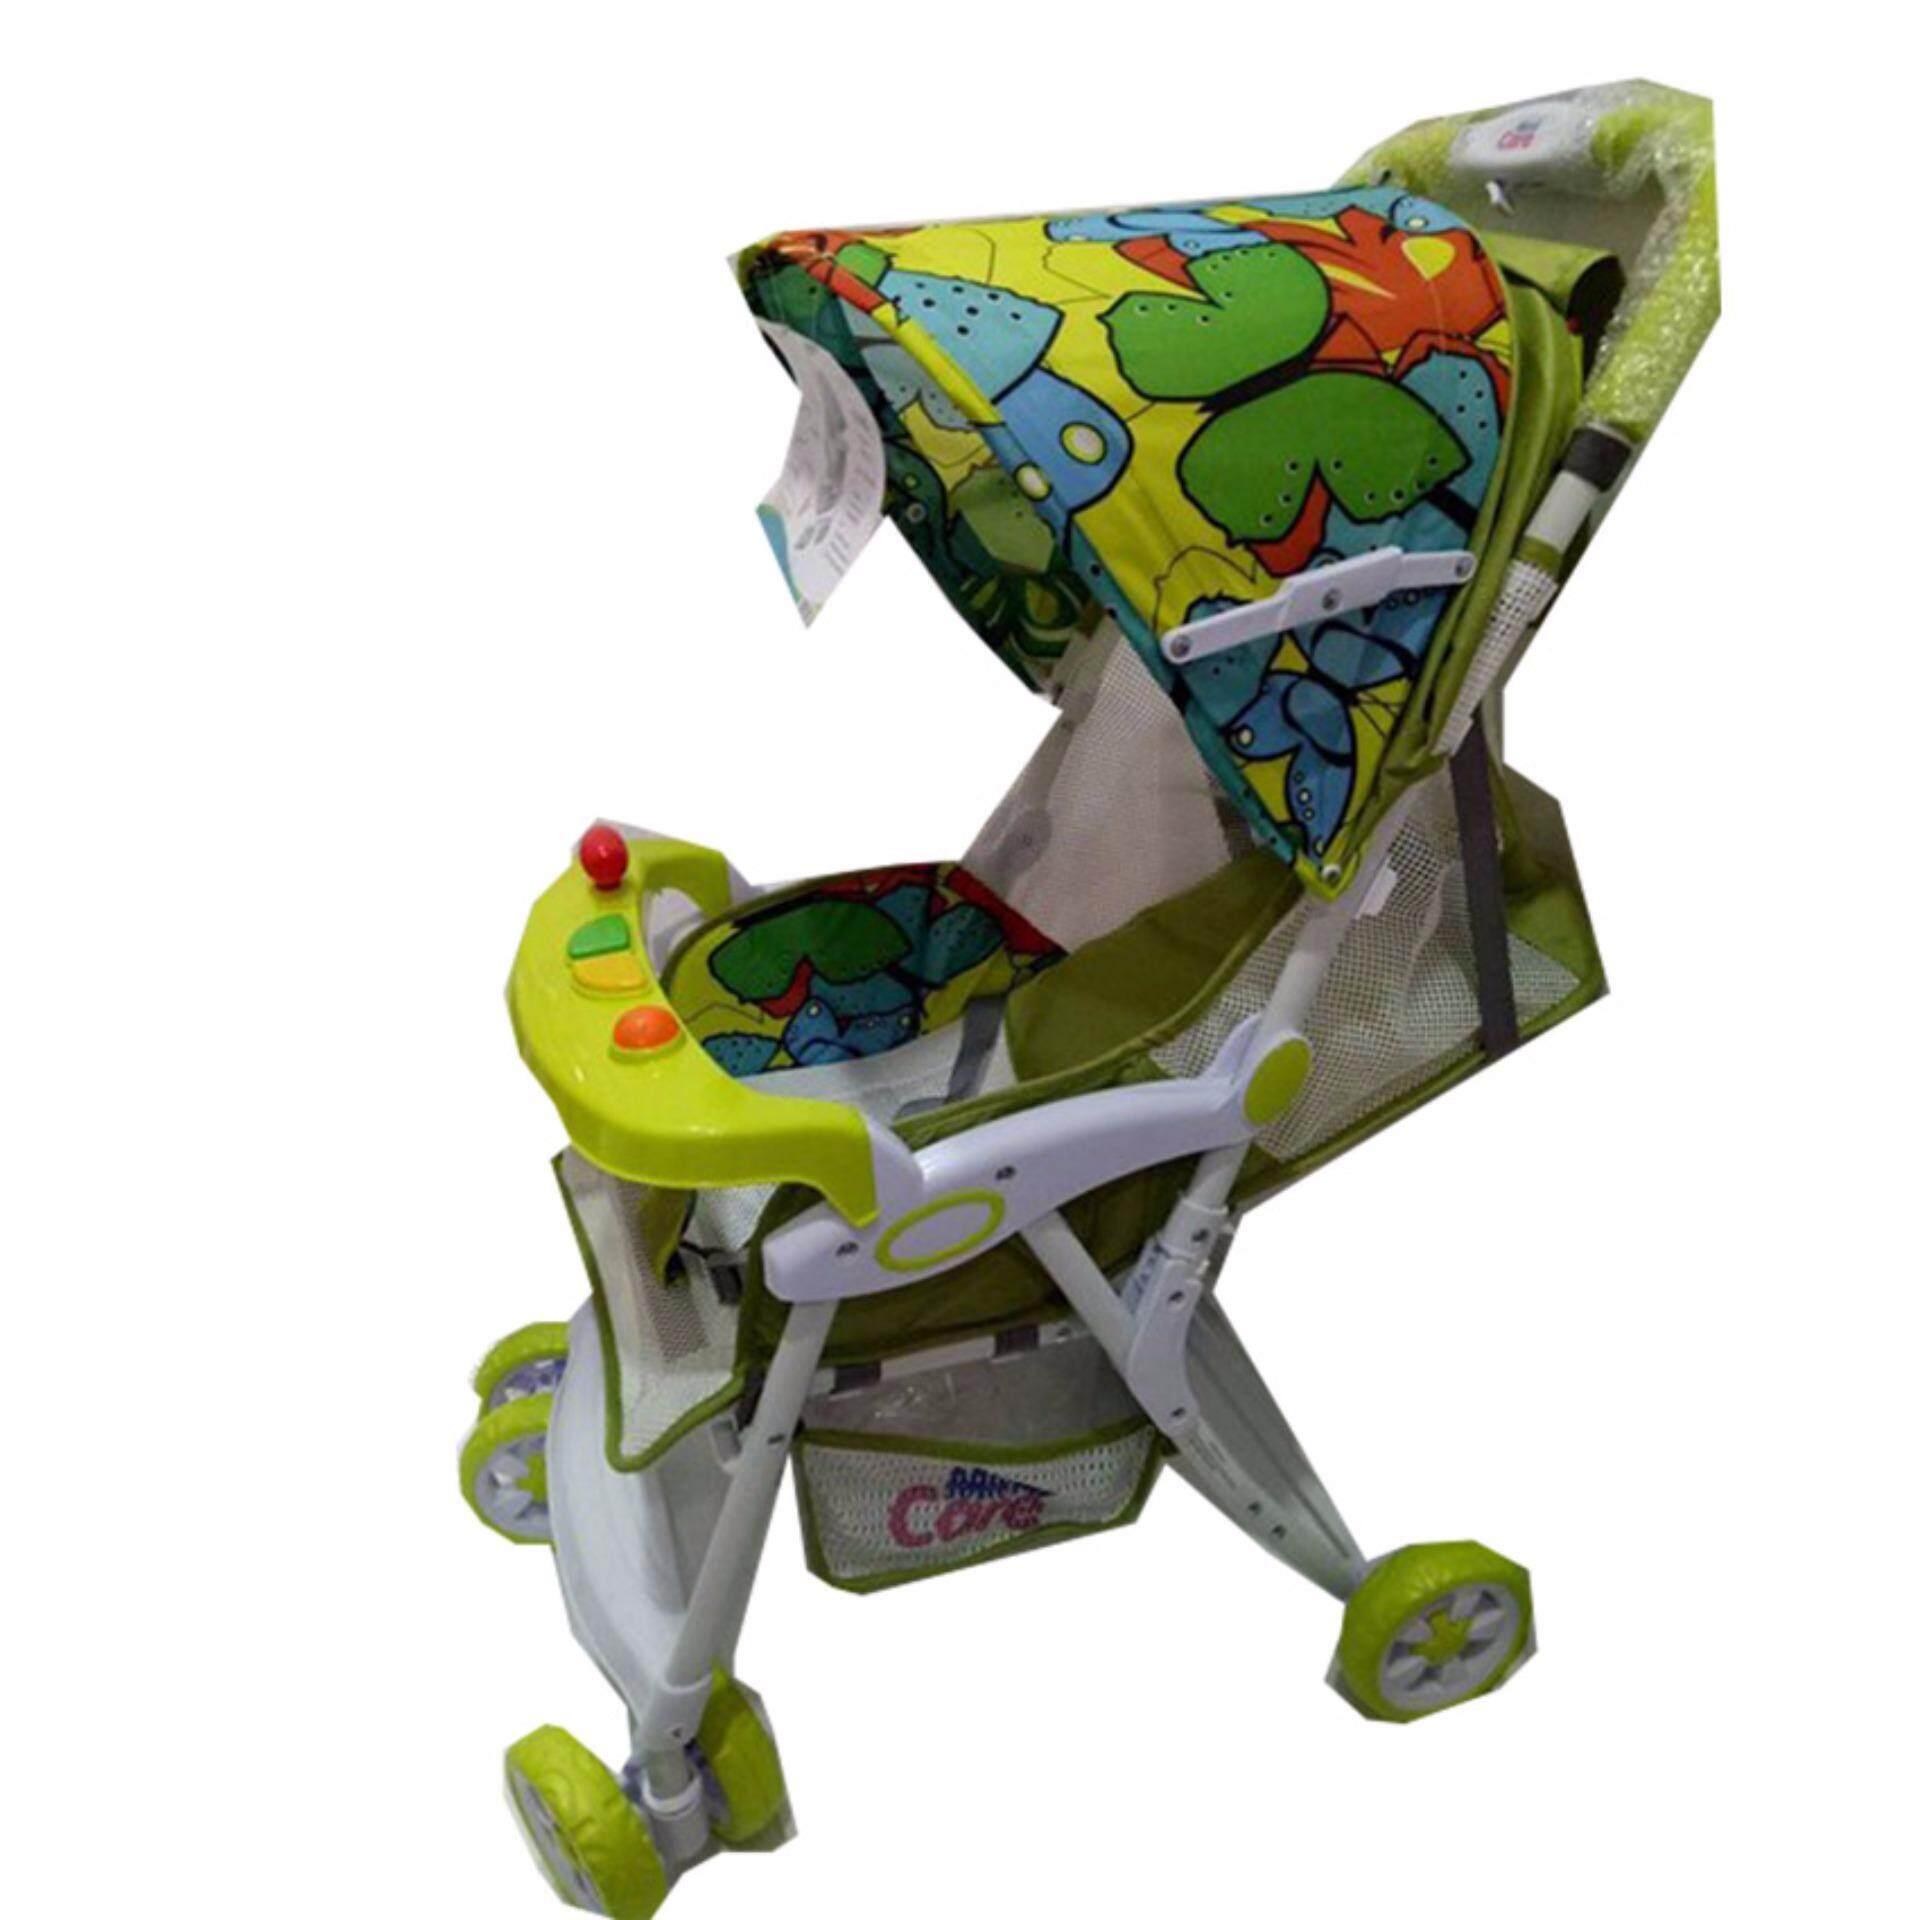 อยากให้แนะนำข้อดี Mind  Care รถเข็นเด็ก ชิวชิว (สีเขียว) ซื้อเว็บไหนไม่โกง